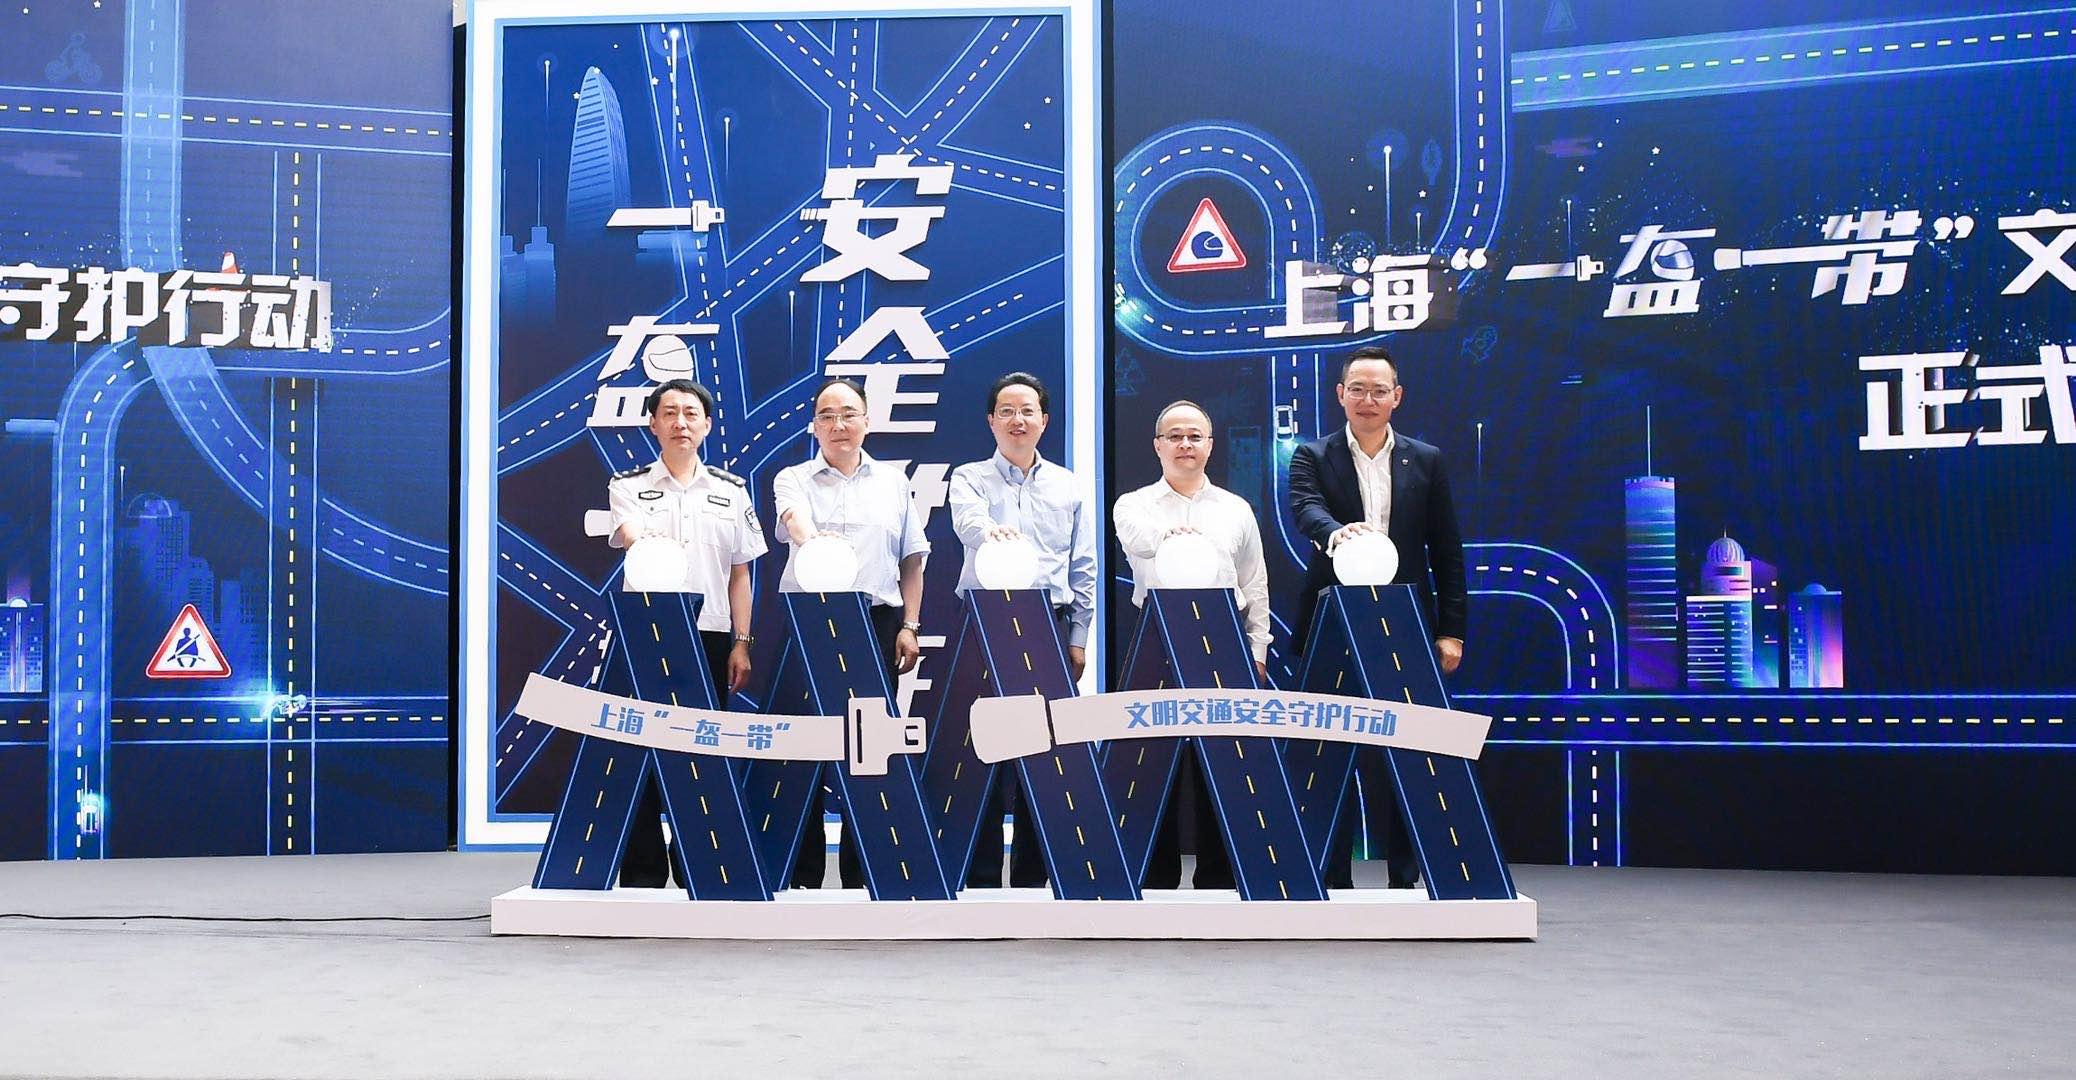 """坚守安全初心 共建文明交通 沃尔沃99XXXX开心积极参与并全力支持上海""""一盔一带""""文明交通安全守护行动"""